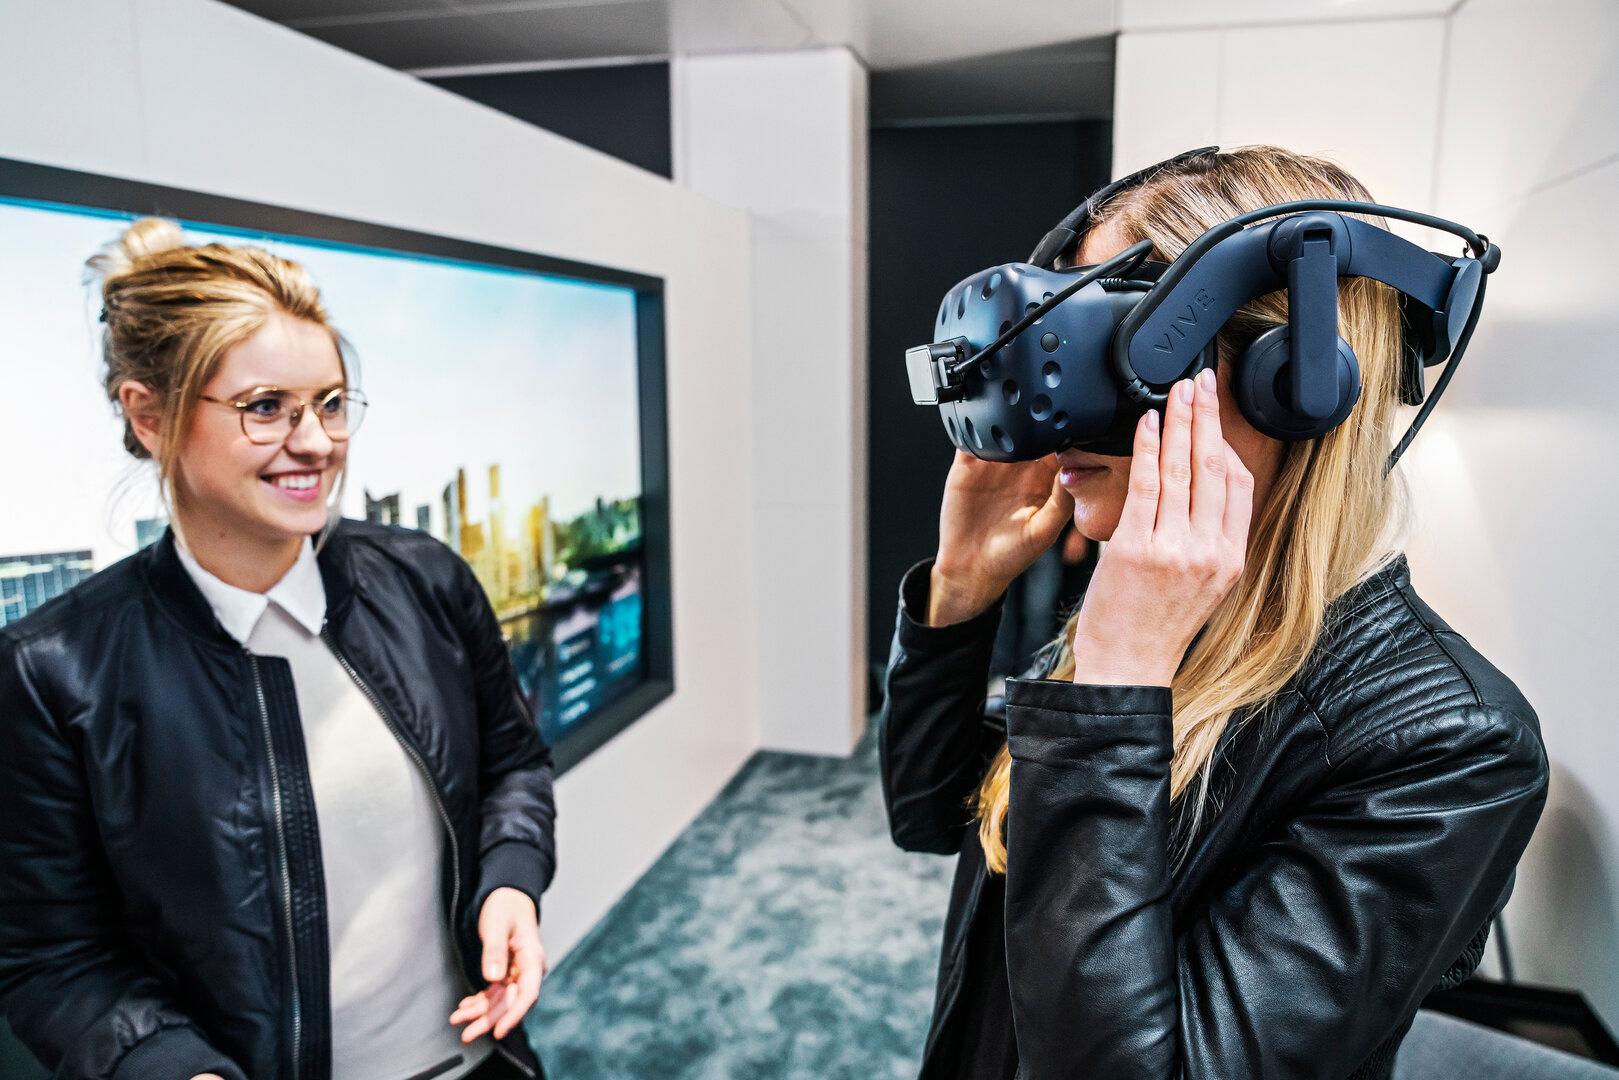 BMW nutzt für die VR-Probefahrt eine HTC Vive Pro